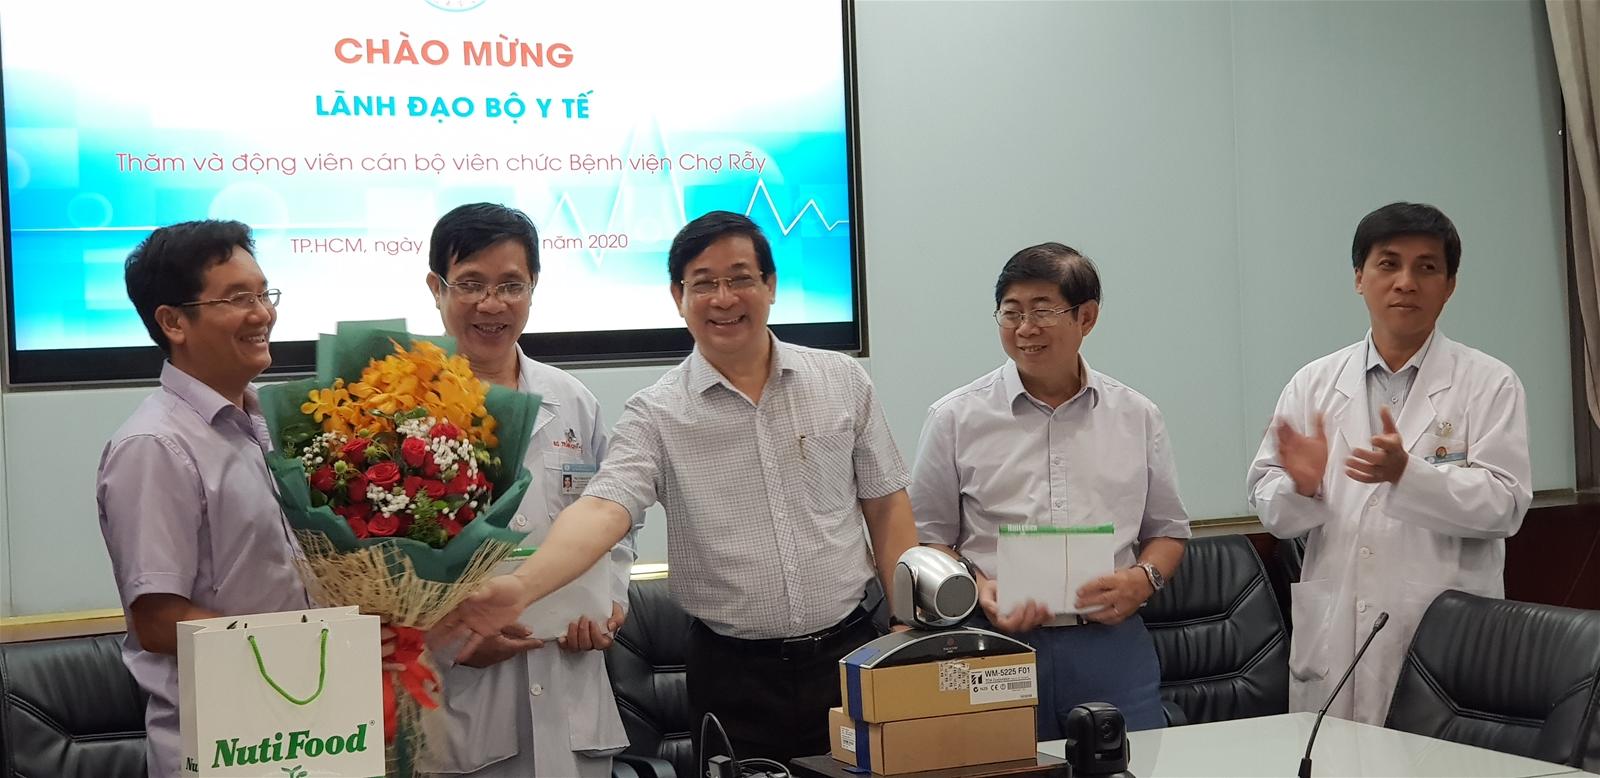 NutiFood tặng 600 triệu đồng cho 2 bệnh viện điều trị thành công bệnh nhân 91